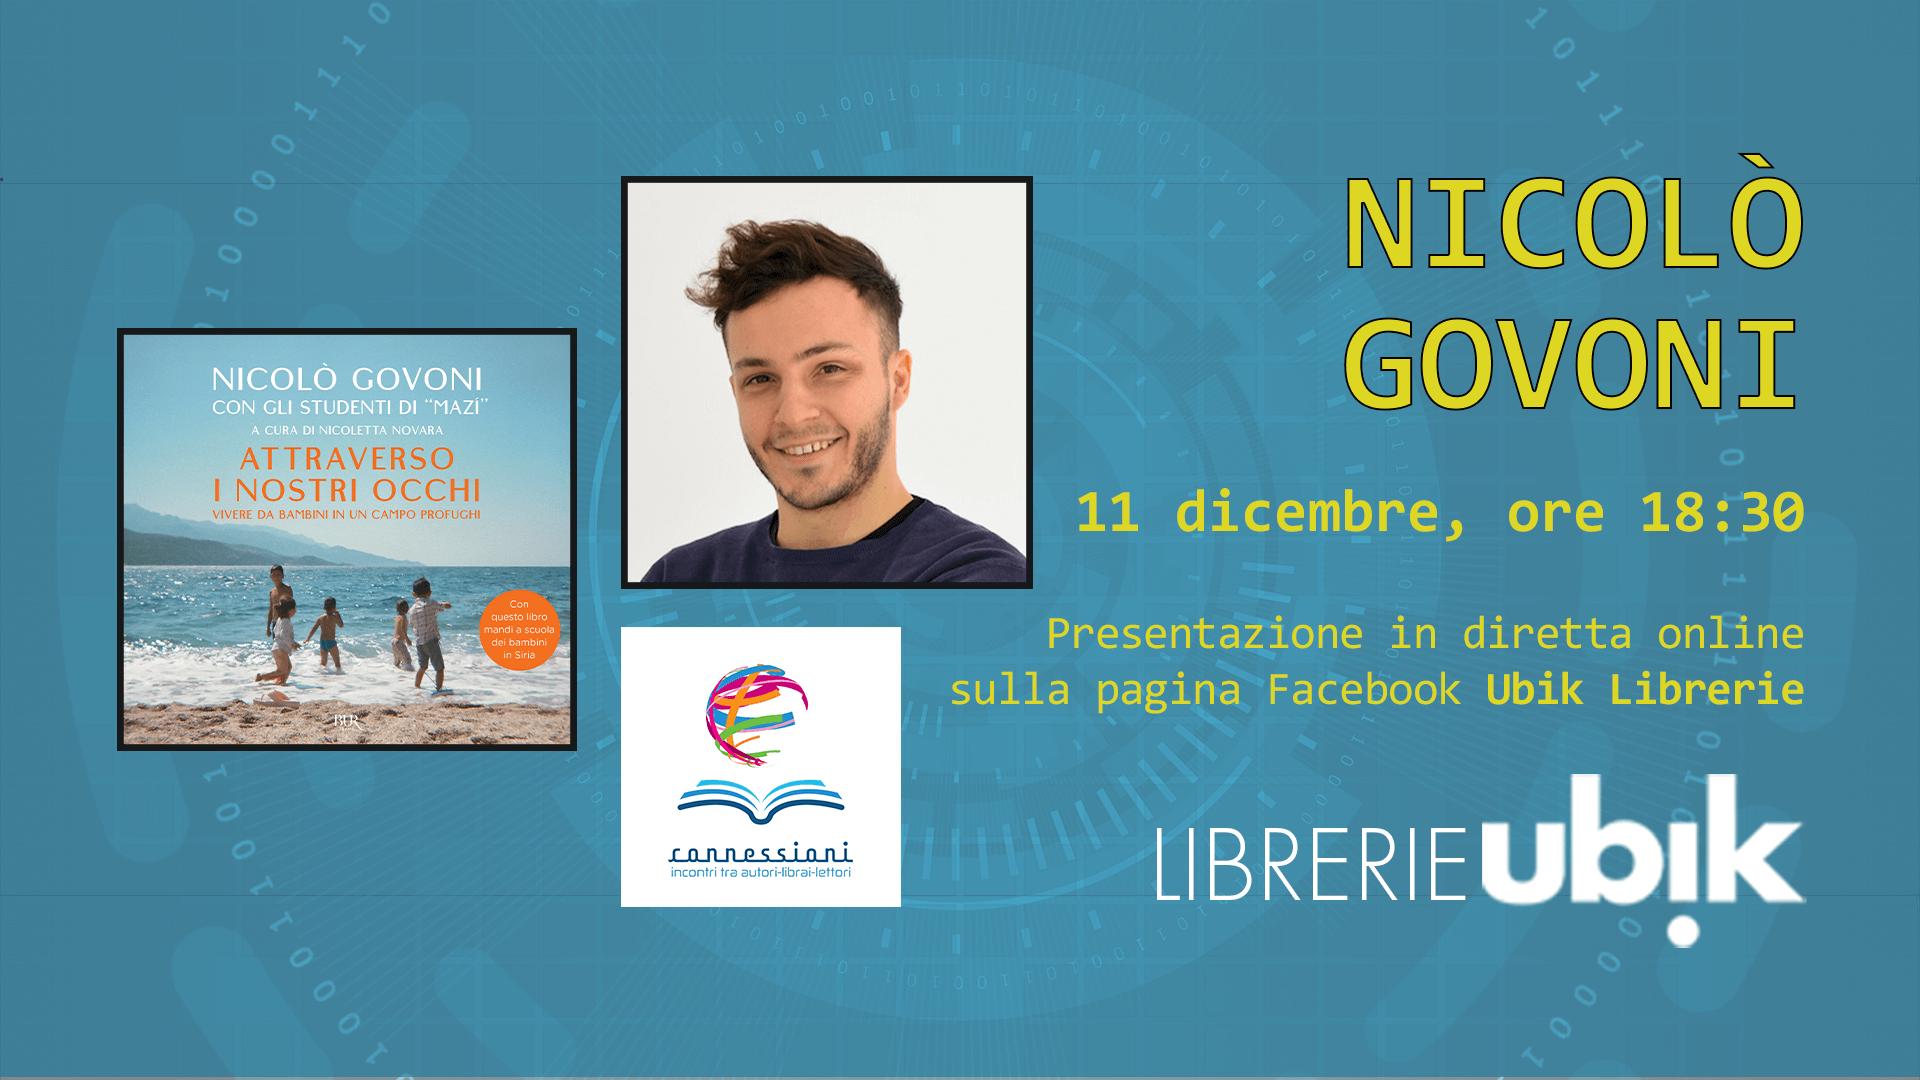 NICOLÒ GOVONI presenta in diretta online